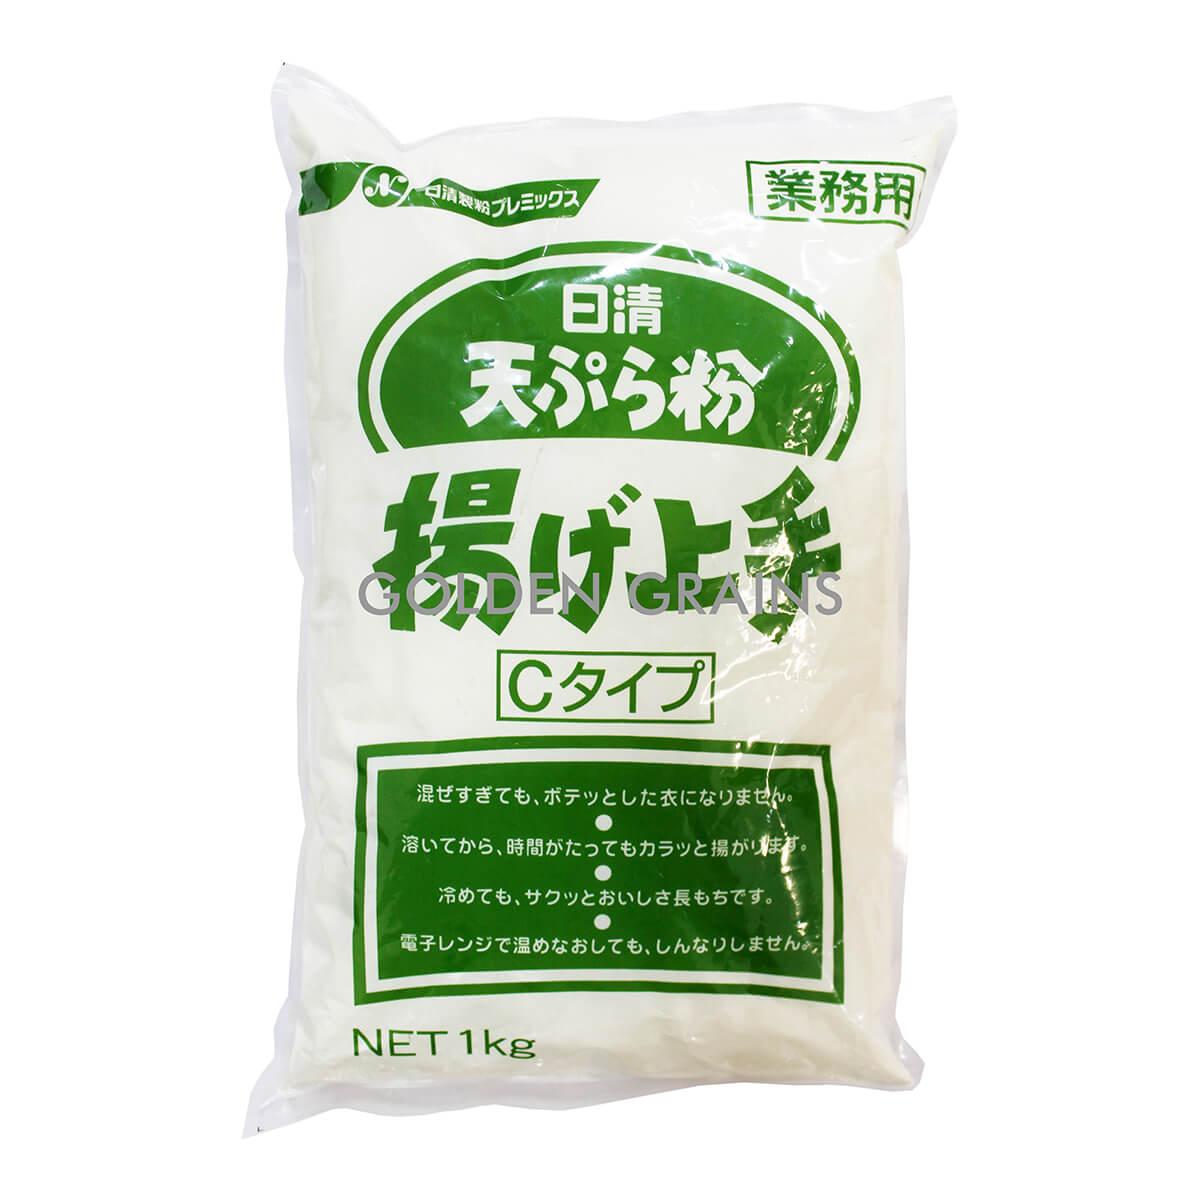 Golden Grains Nisshin Foods - Tempura Batter Mix - Front.jpg